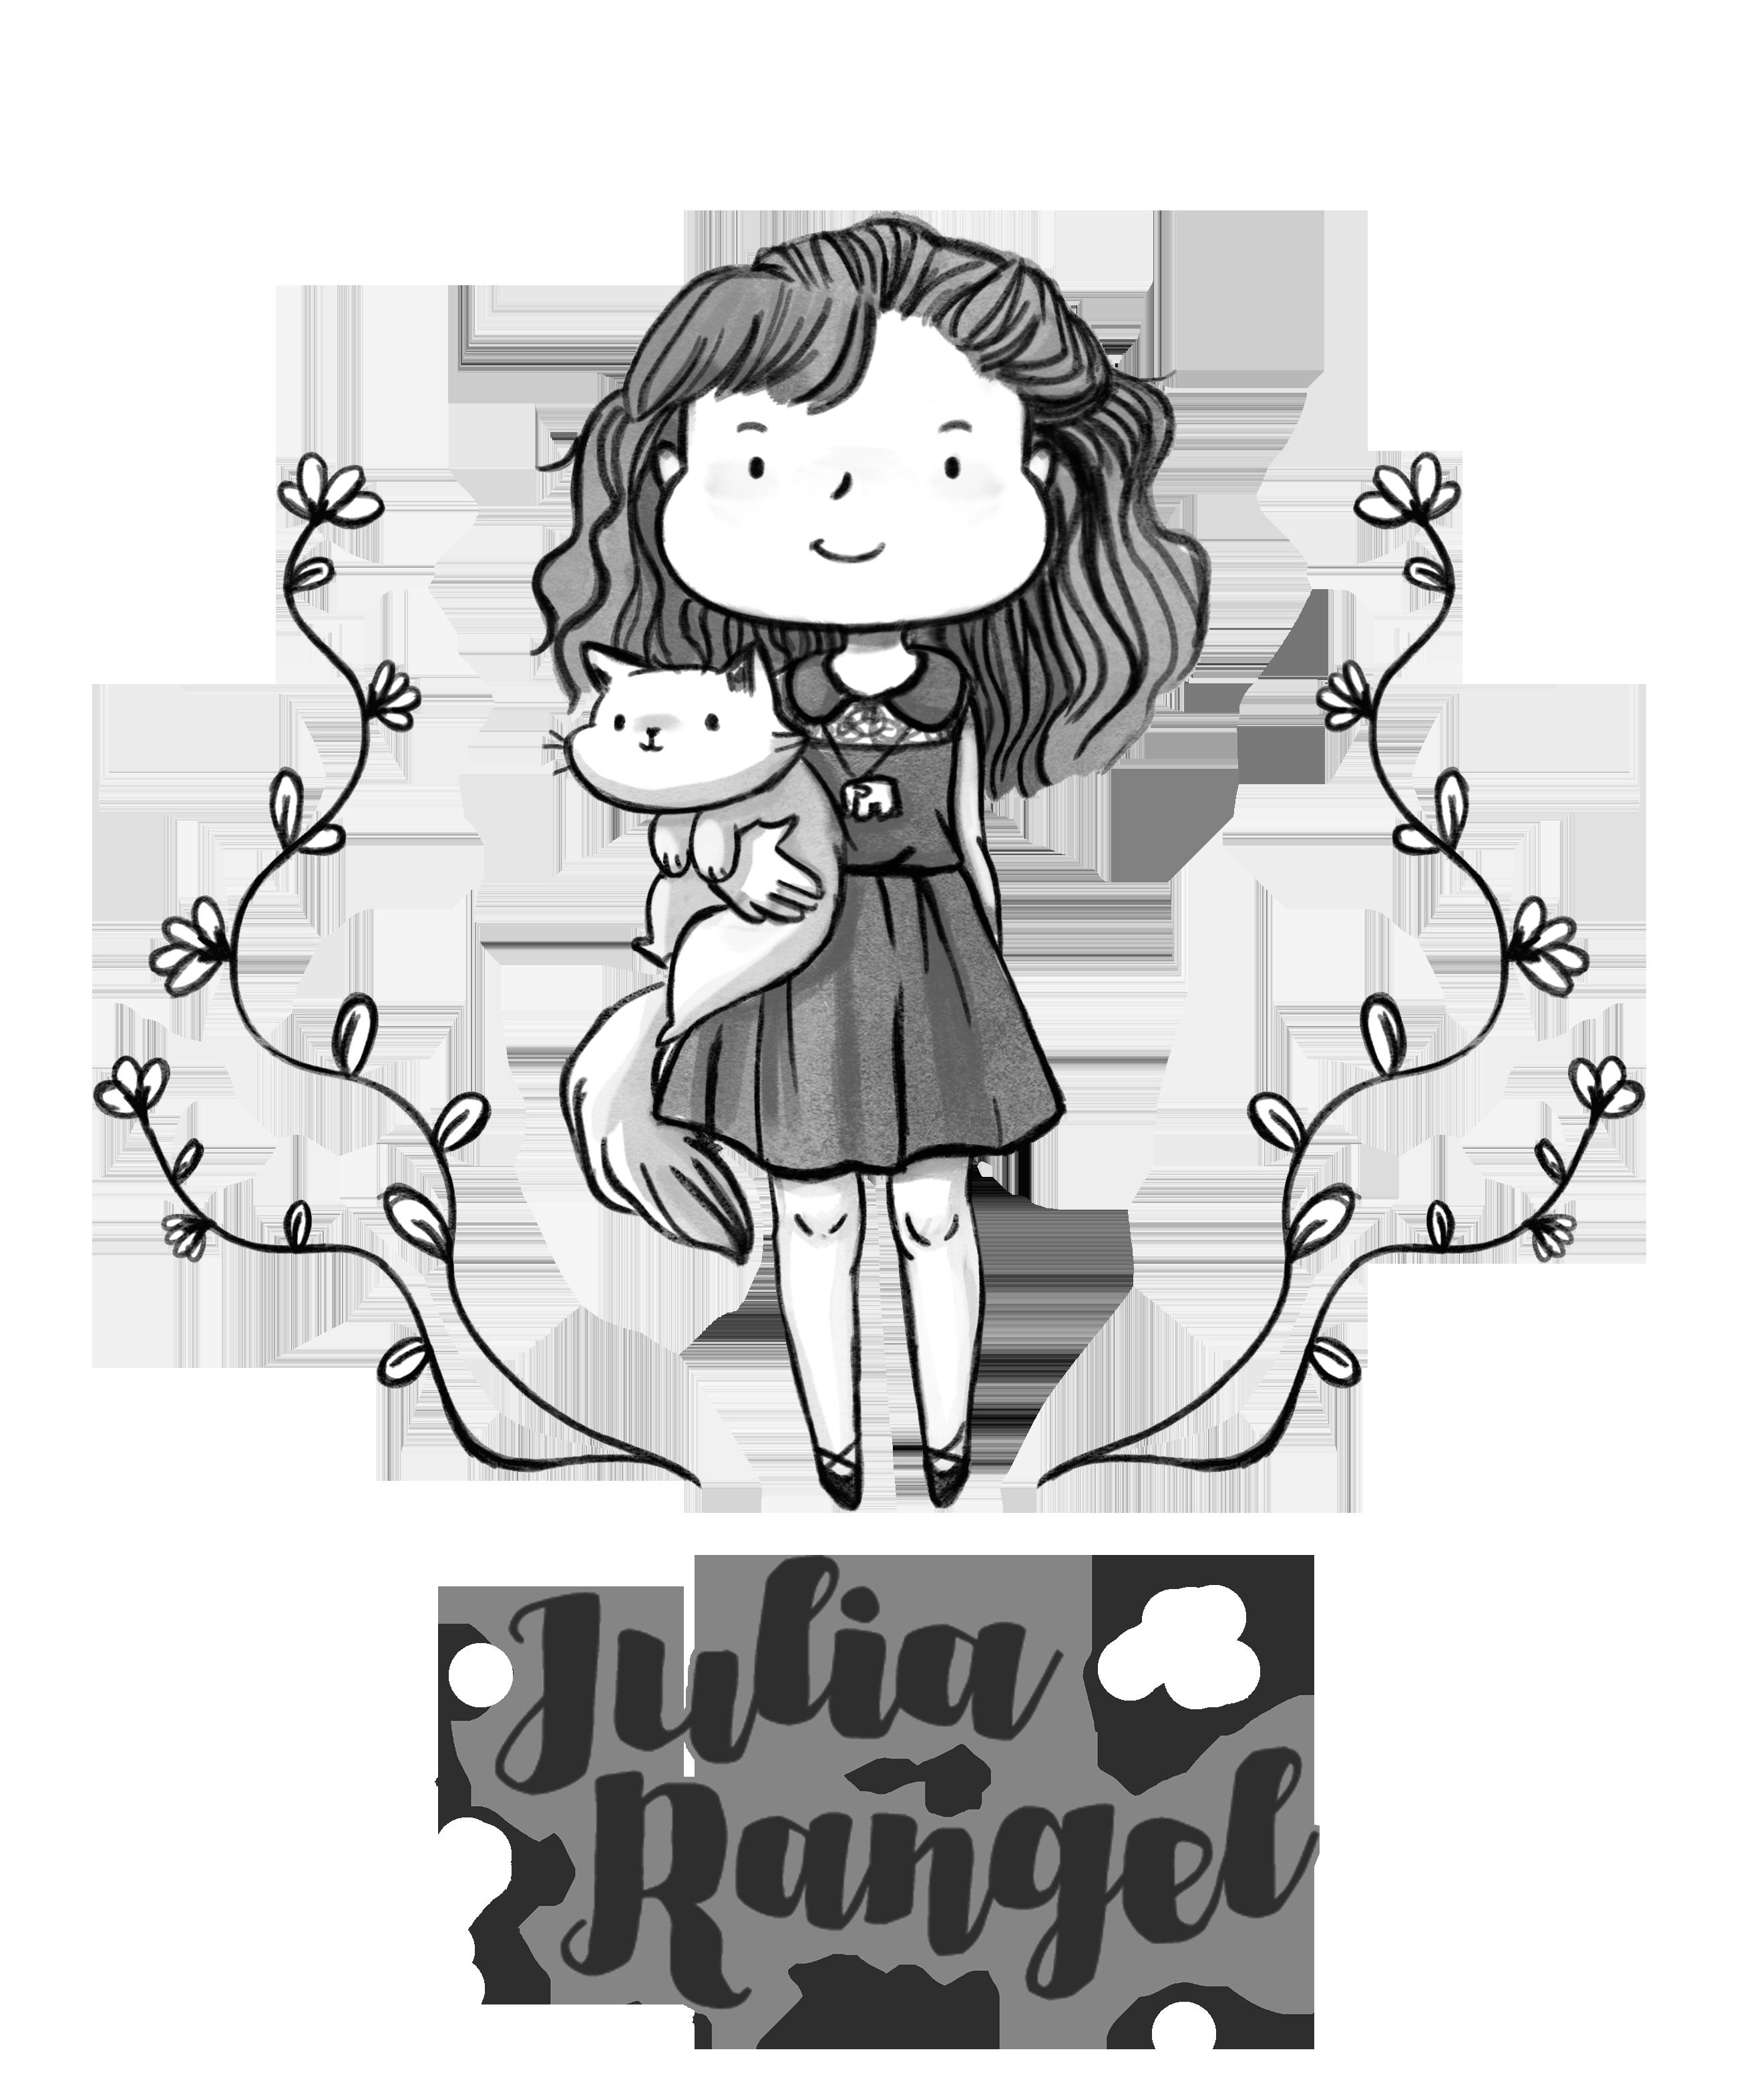 Julia Rangel